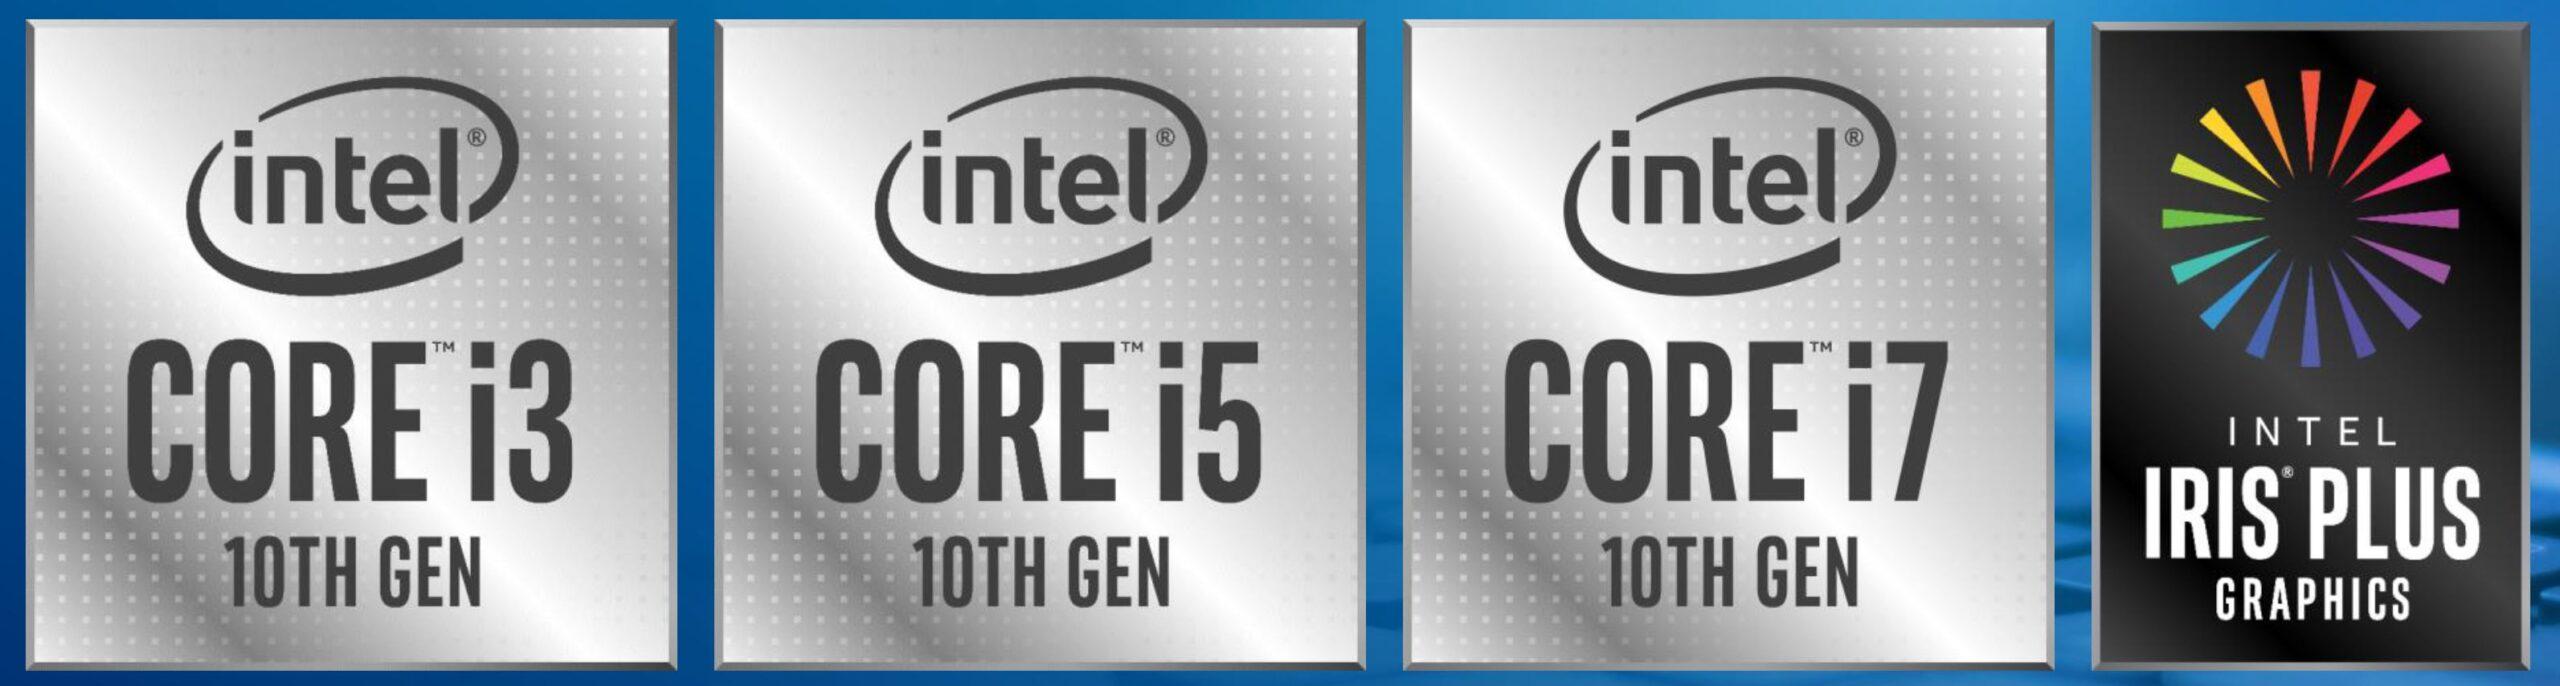 Intel officialise ses nouveaux processeurs Ice Lake (10 nm